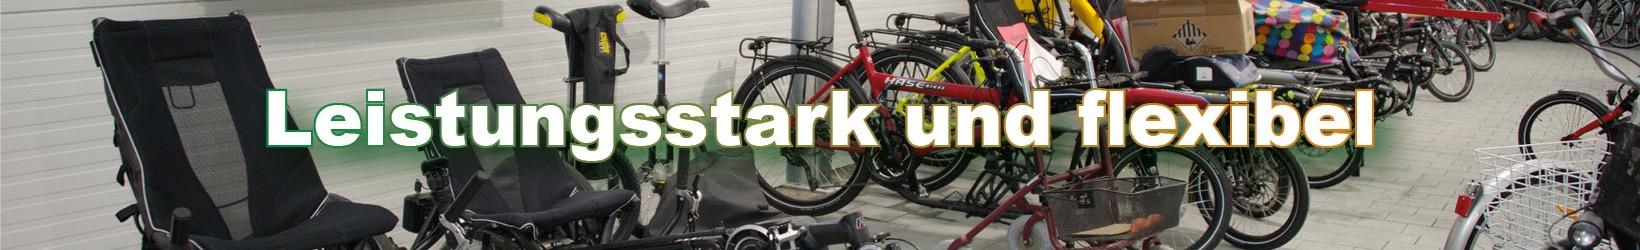 Leistungsstark und Flexibel mit Zweirad-Heins- Foto und Grafik: Katharina Hansen-Gluschitz